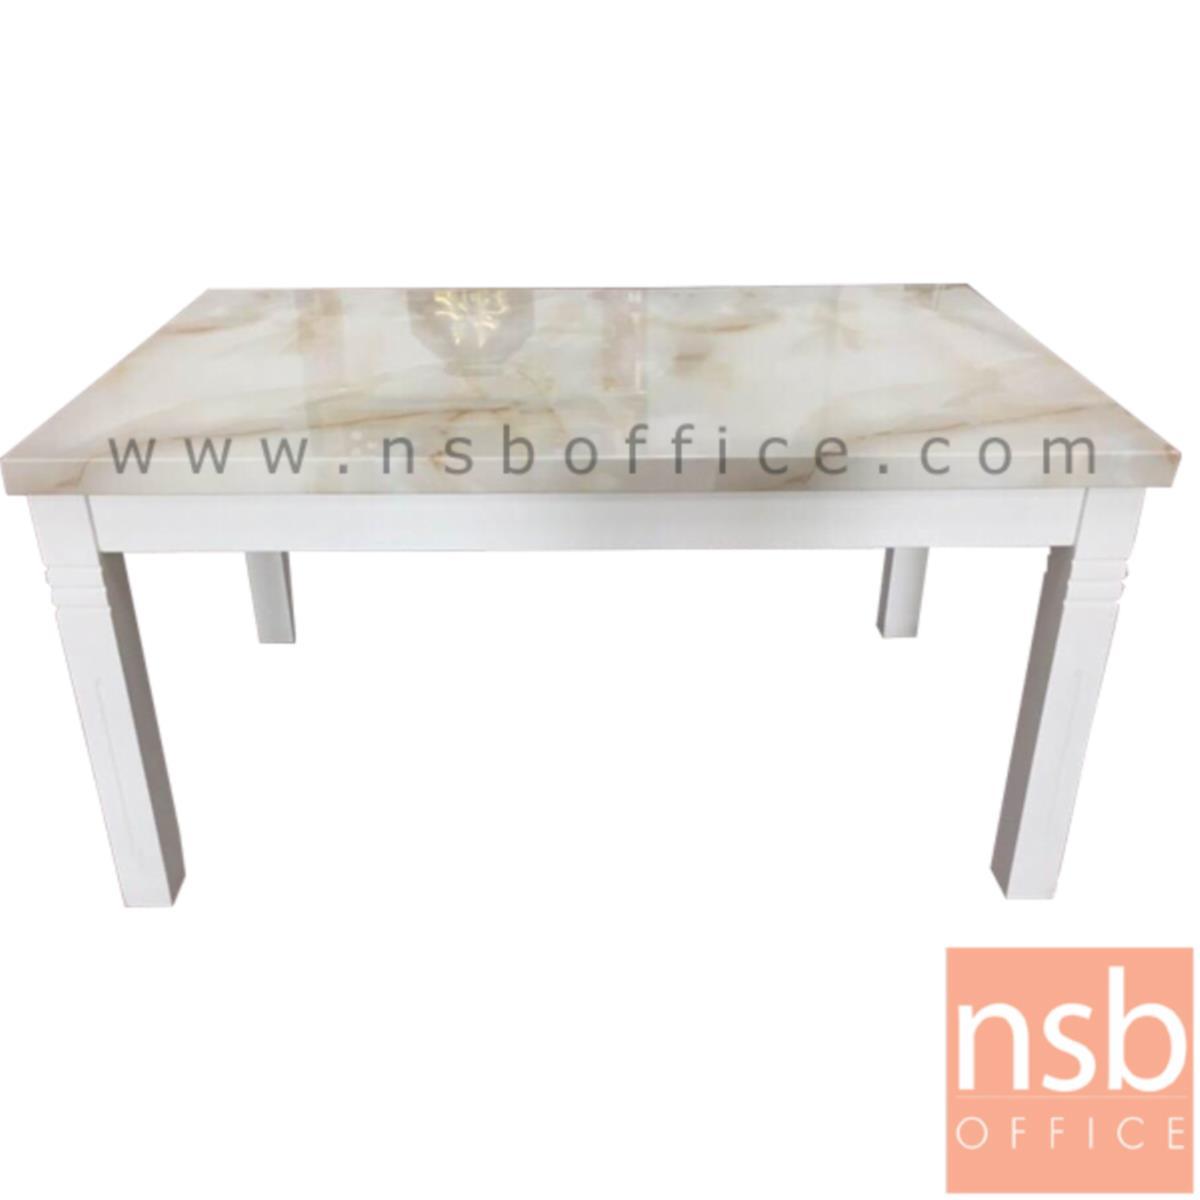 โต๊ะรับประทานอาหารหน้าหินอ่อน รุ่น Nicholson (นิโคลสัน) ขนาด 180W cm.  ขาเหลี่ยม